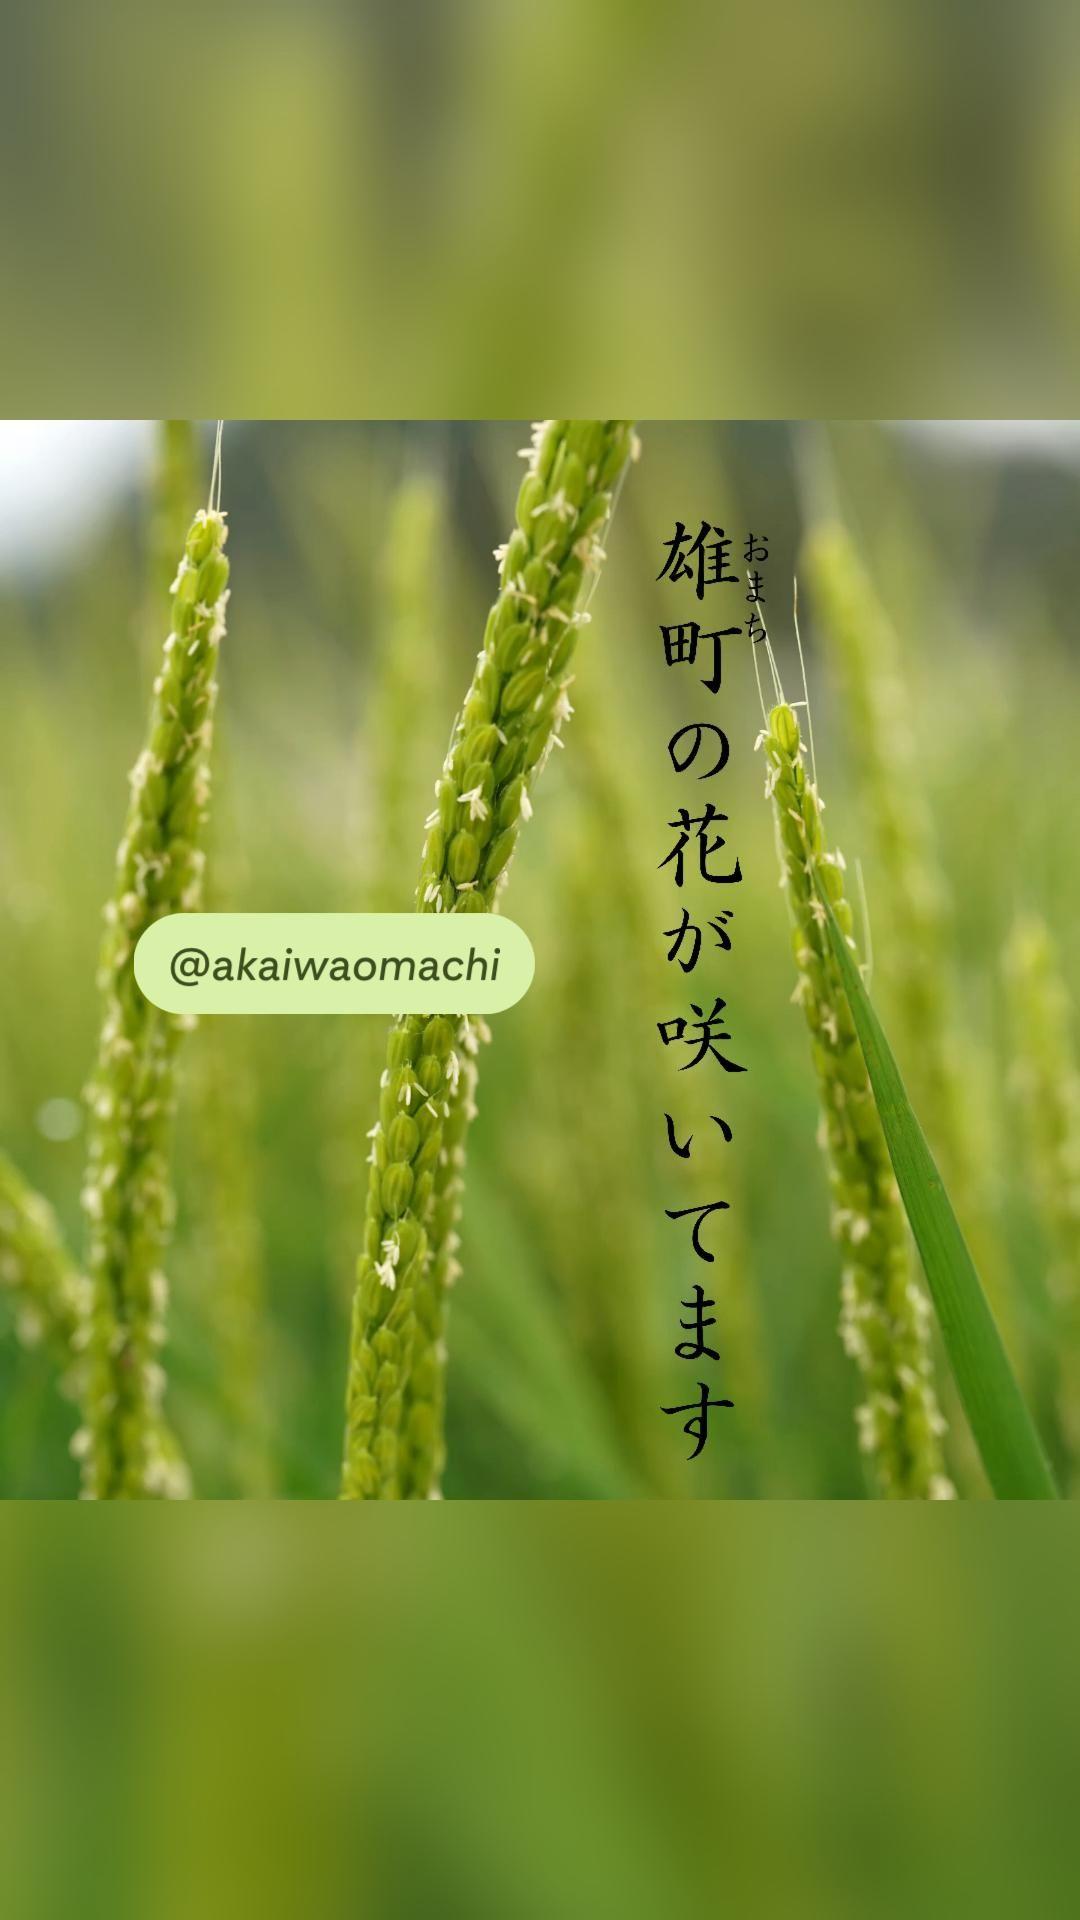 幻の酒米「雄町」の花が咲いています。この一瞬を見逃すな!これで、あなたも日本酒通。フォロー、保存して、ご一緒に成長を見守ってください。#酒   #雄町 #赤磐雄町 #日本酒  #有機栽培